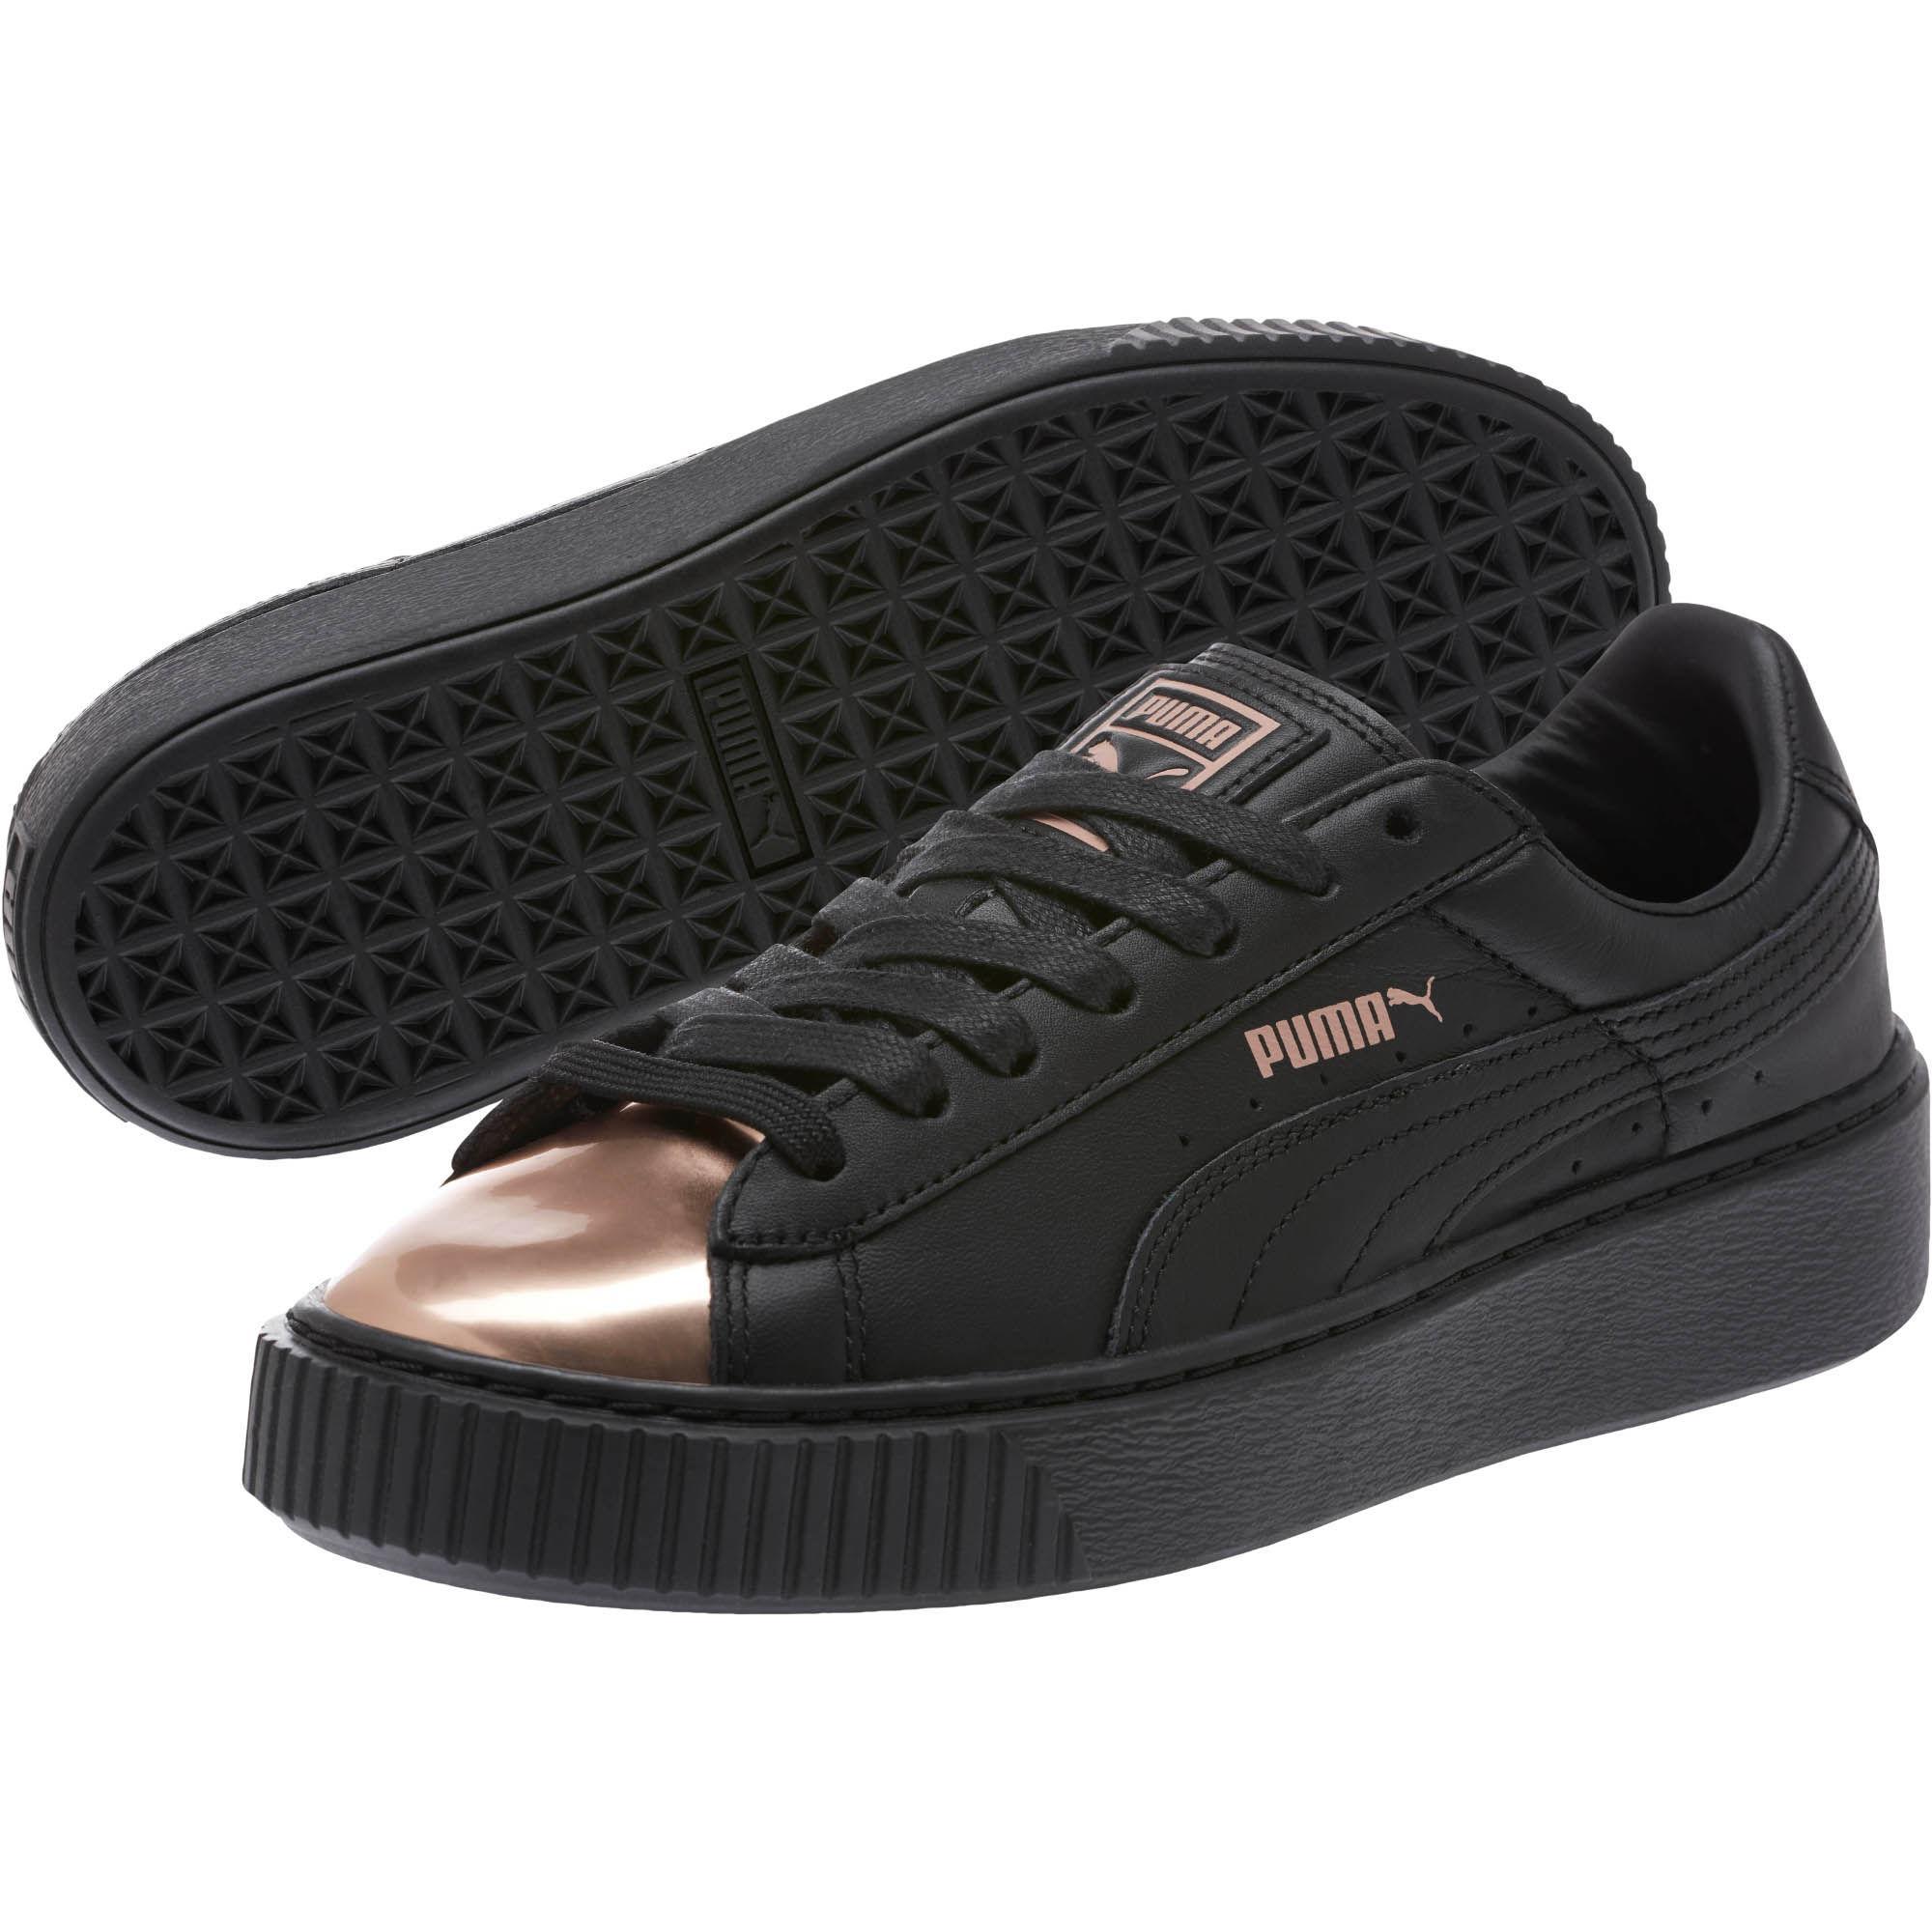 095febf26beb Lyst - PUMA Basket Platform Metallic Women s Sneakers in Black